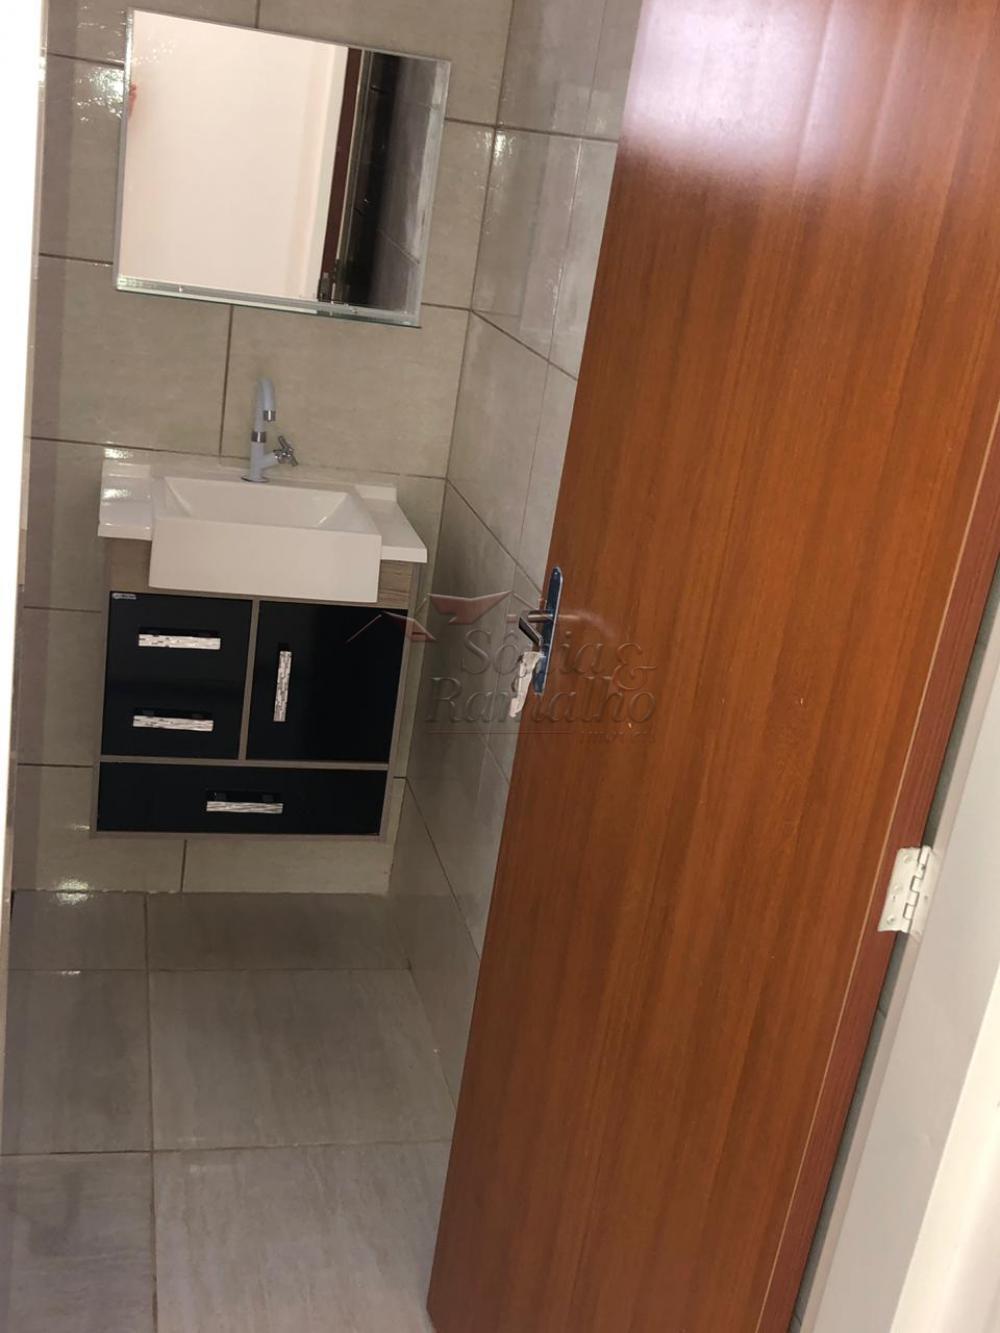 Comprar Casas / Padrão em Ribeirão Preto apenas R$ 175.000,00 - Foto 11